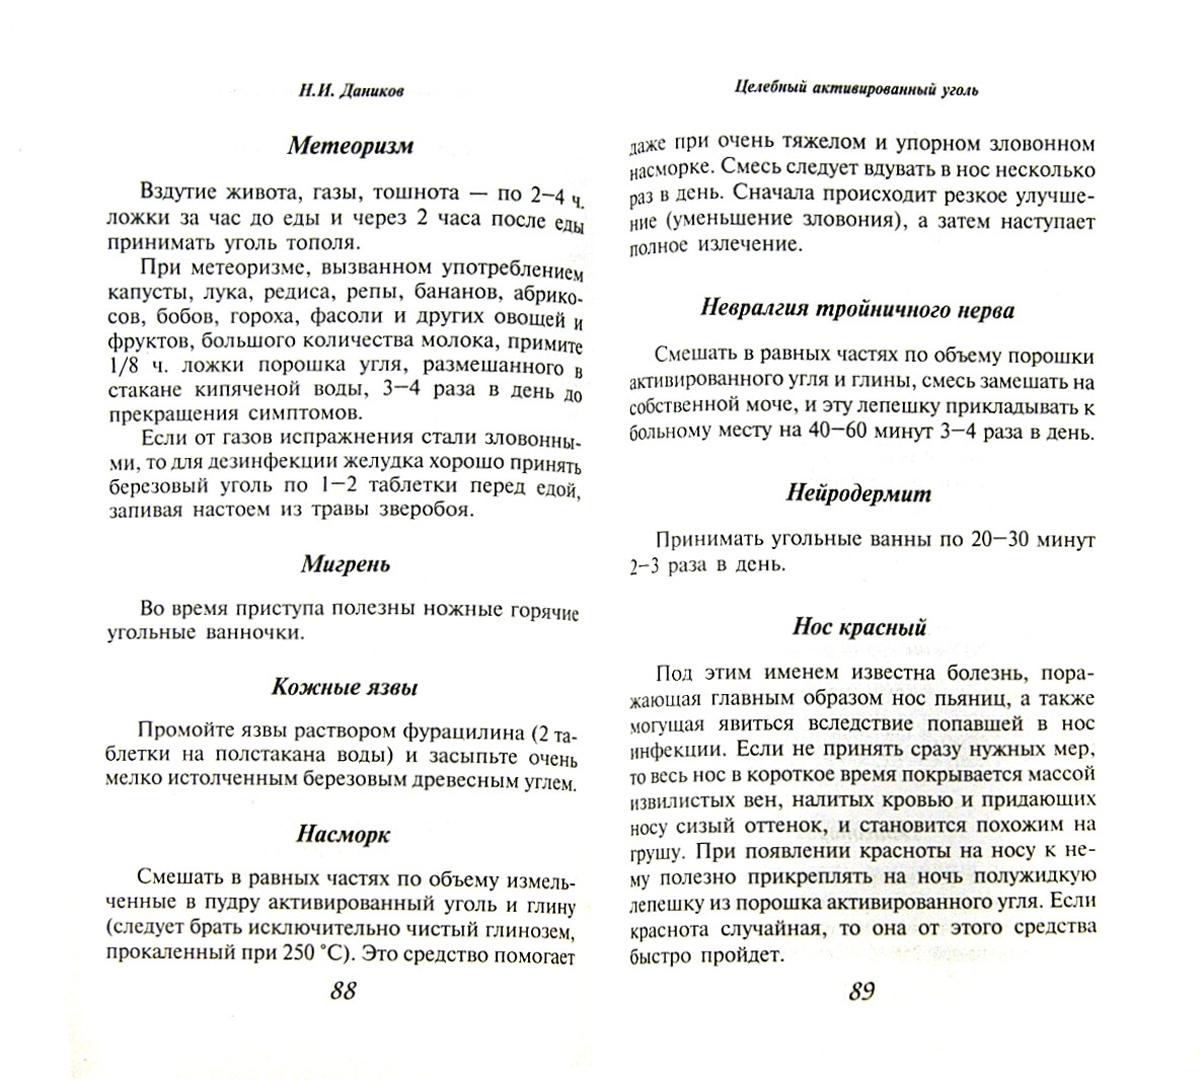 Иллюстрация 1 из 2 для Целебный активированный уголь - Николай Даников | Лабиринт - книги. Источник: Лабиринт